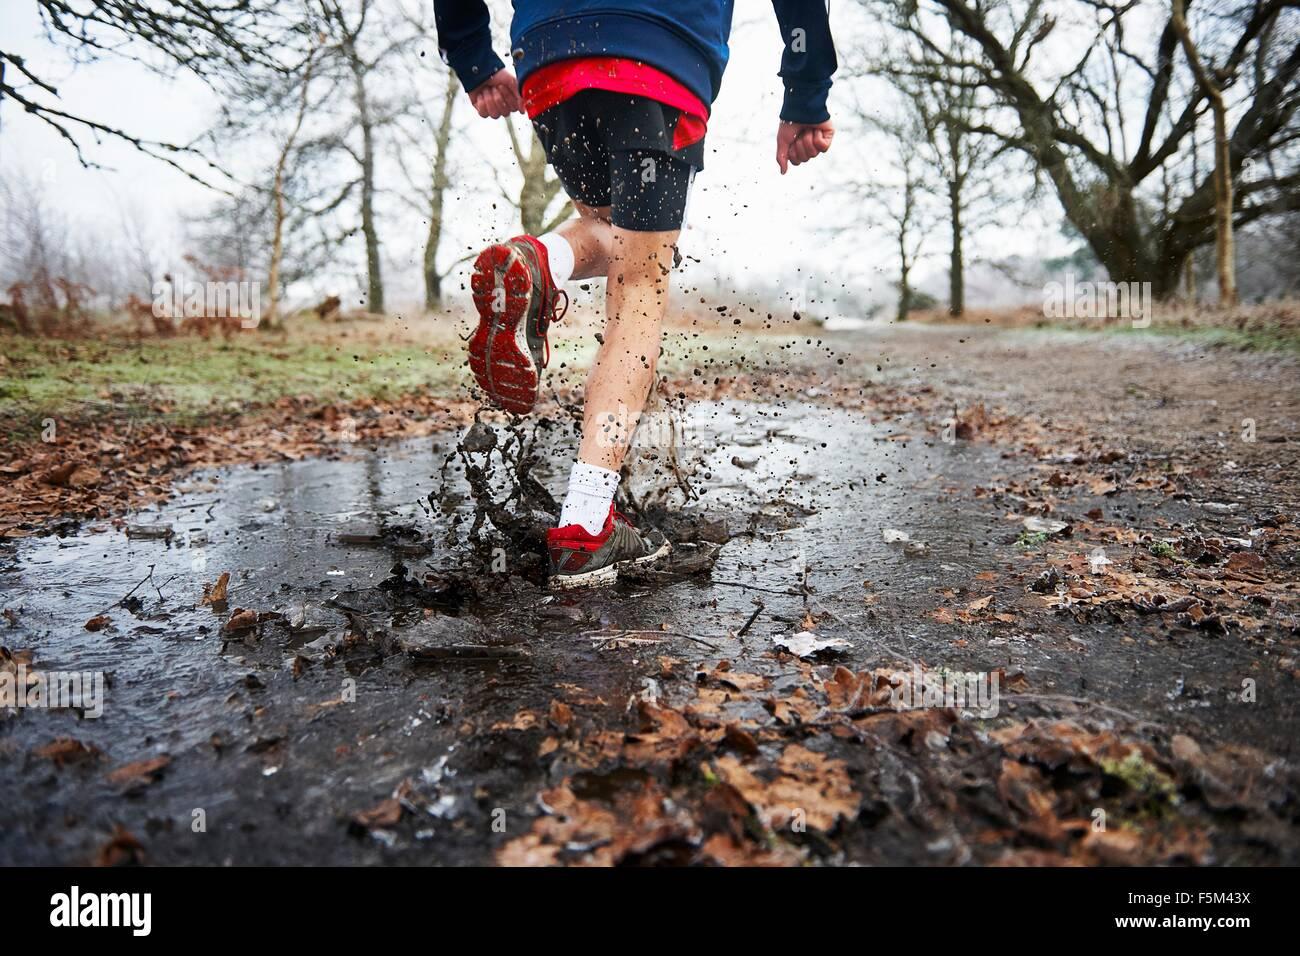 Vista trasera del adolescente corriendo a través de charco salpicaduras Imagen De Stock